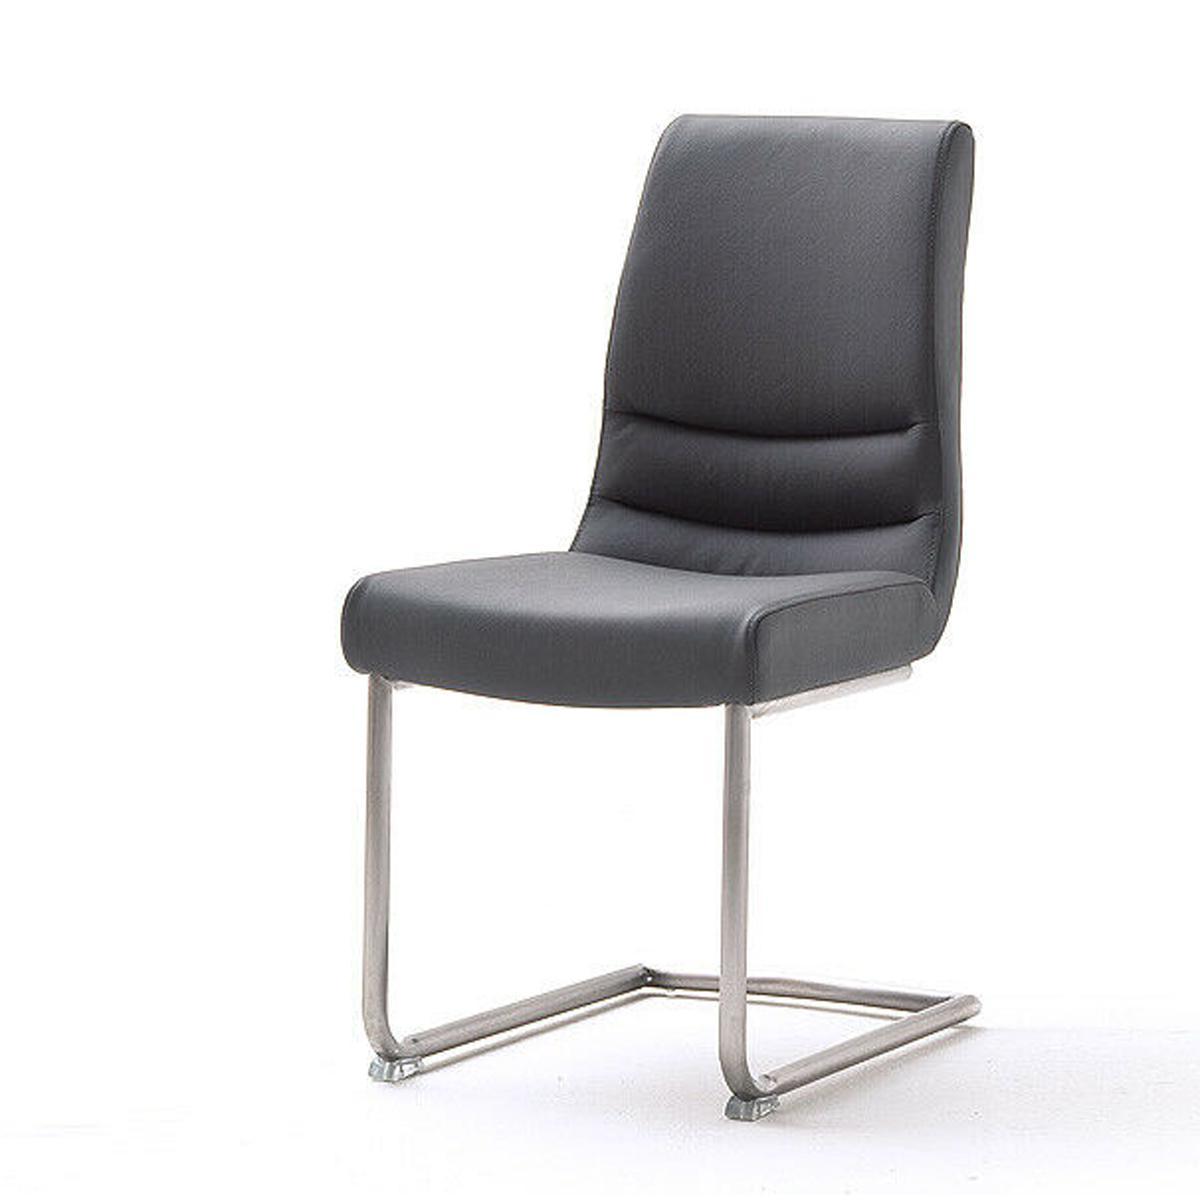 Pegane Lot de 2 chaises de salle à manger en acier et cuir gris - L.45 x H.90 x P.63 cm -PEGANE-